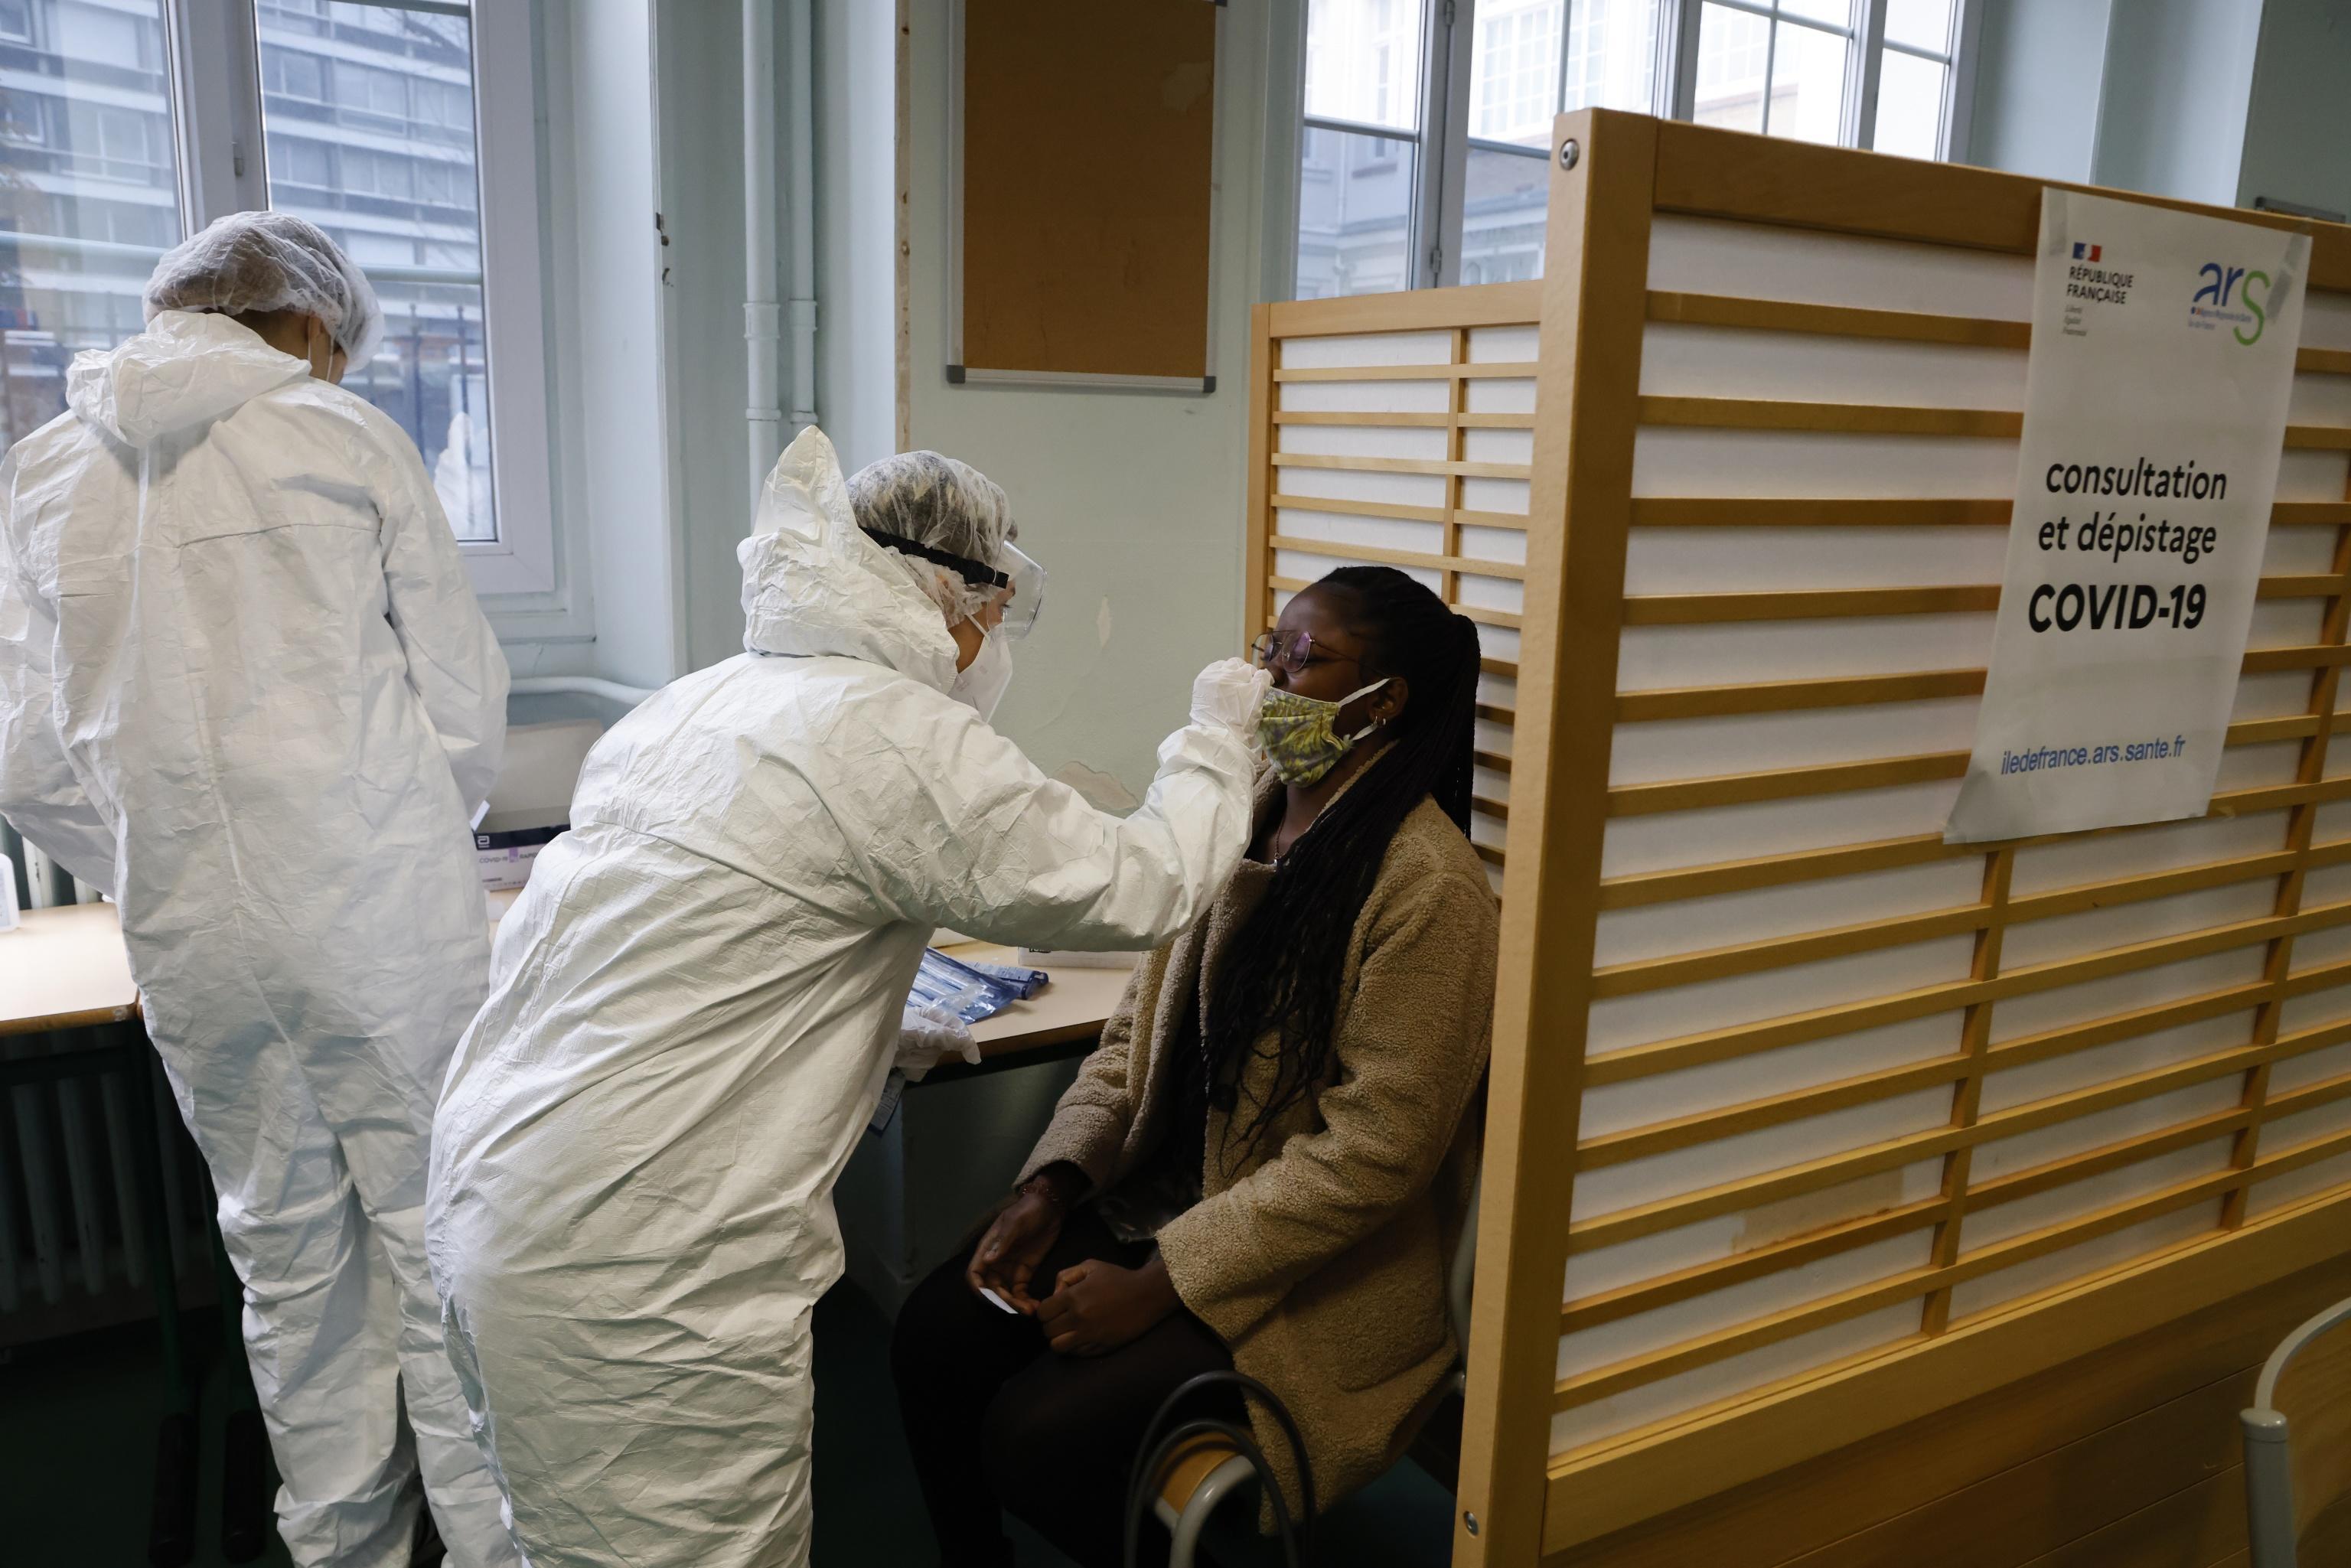 Francia: test molecolare obbligatorio dal 24 gennaio per chi entra nel paese